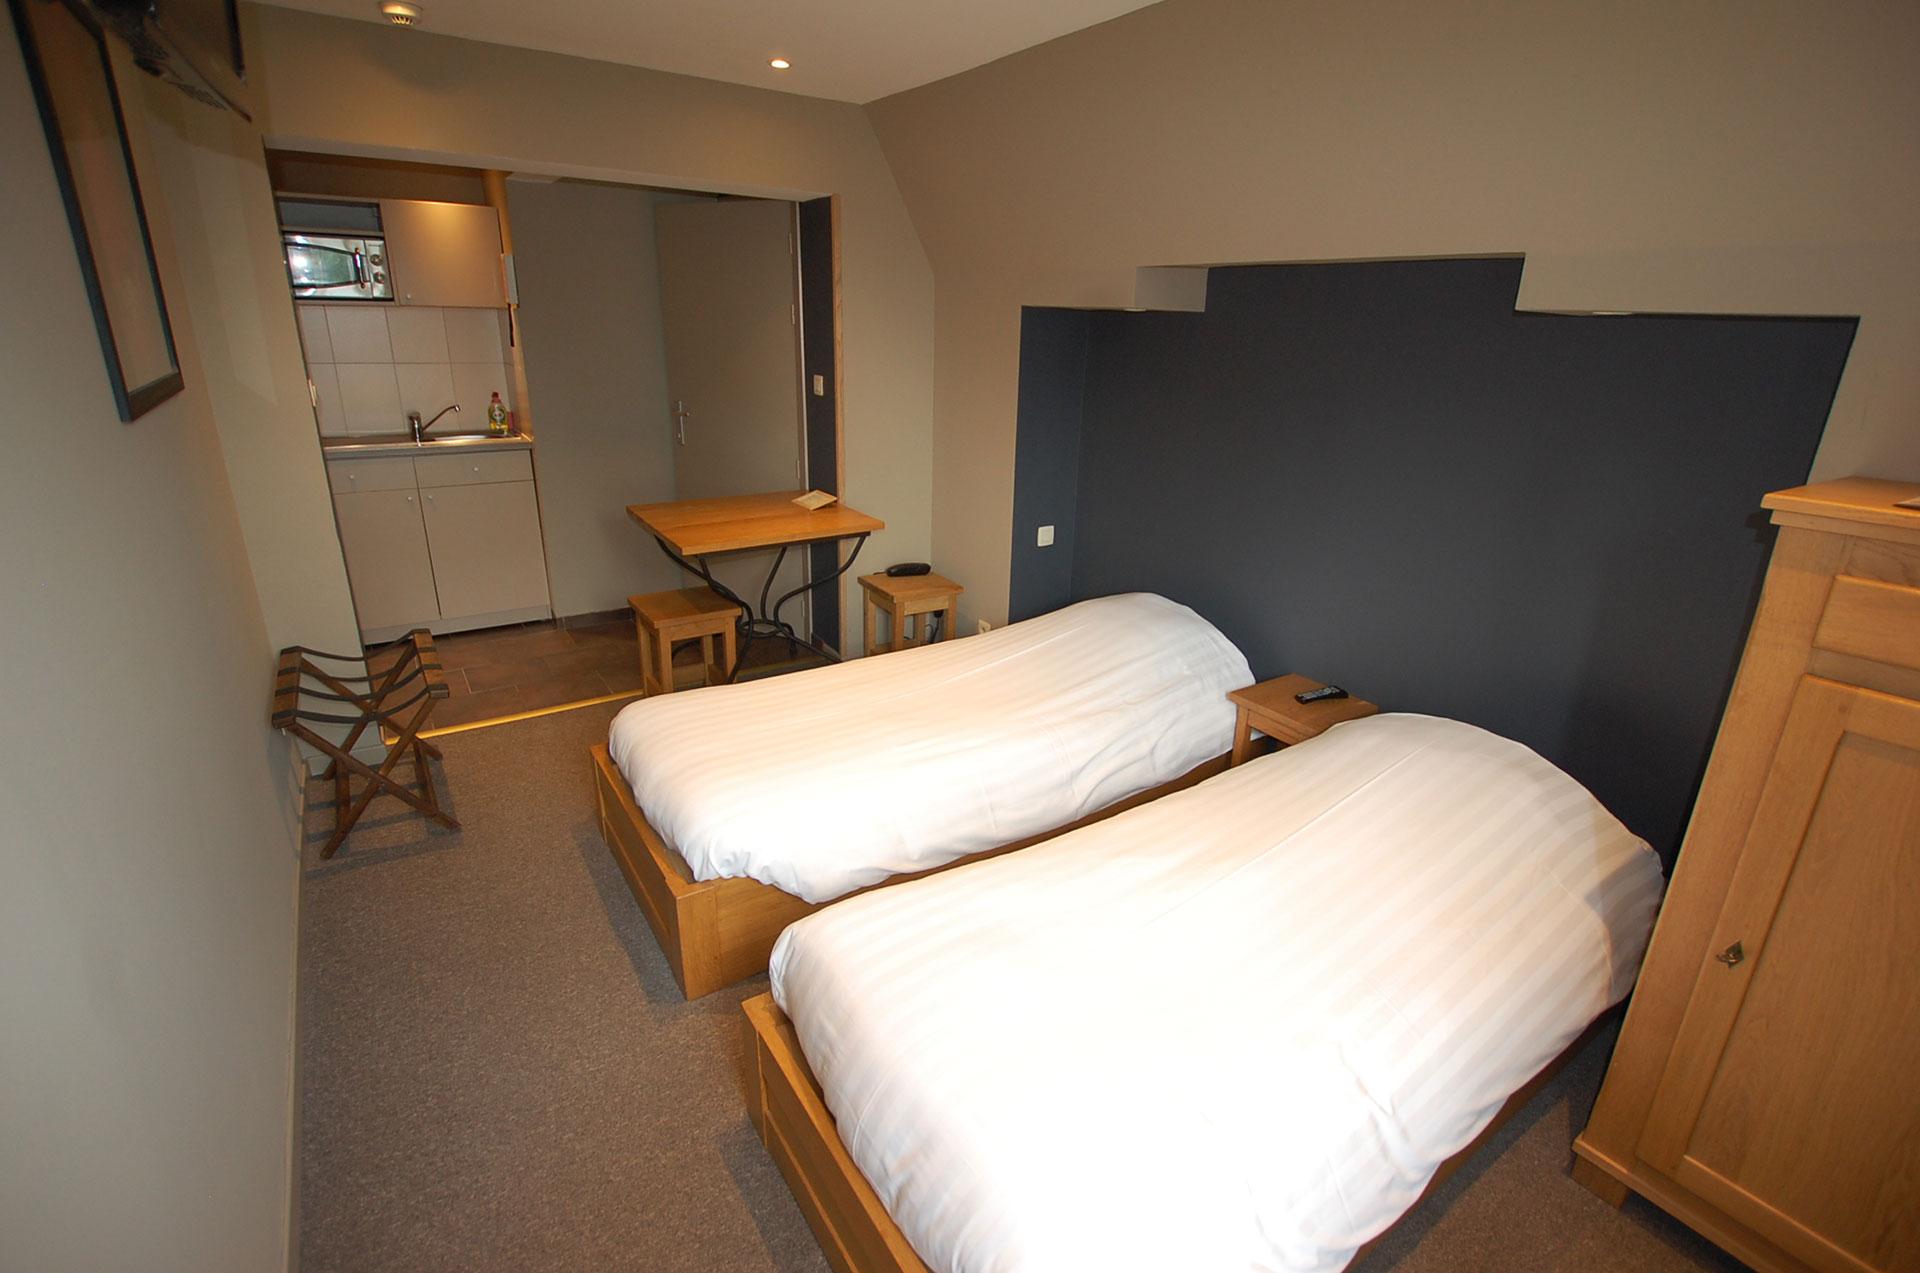 Hôtel Piano2 - Hôtel en Wallonie - chambre